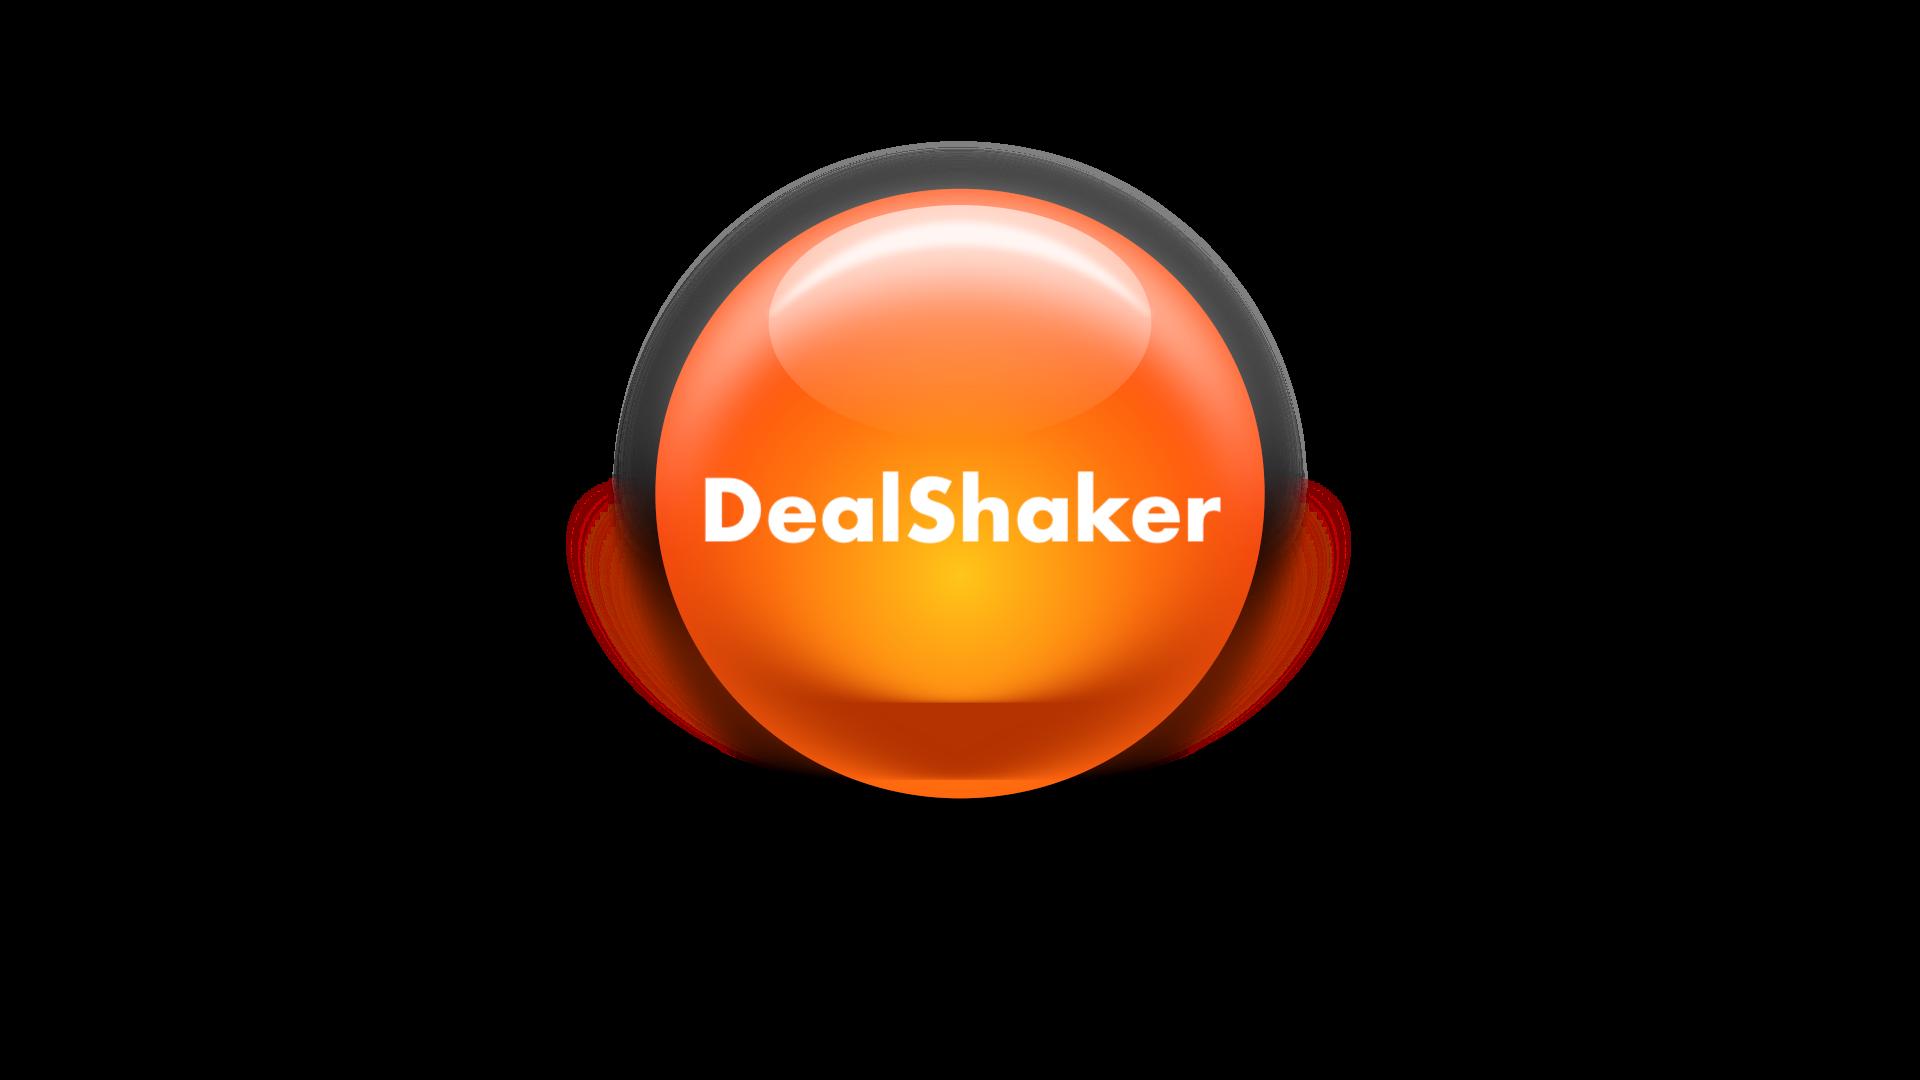 DealShaker